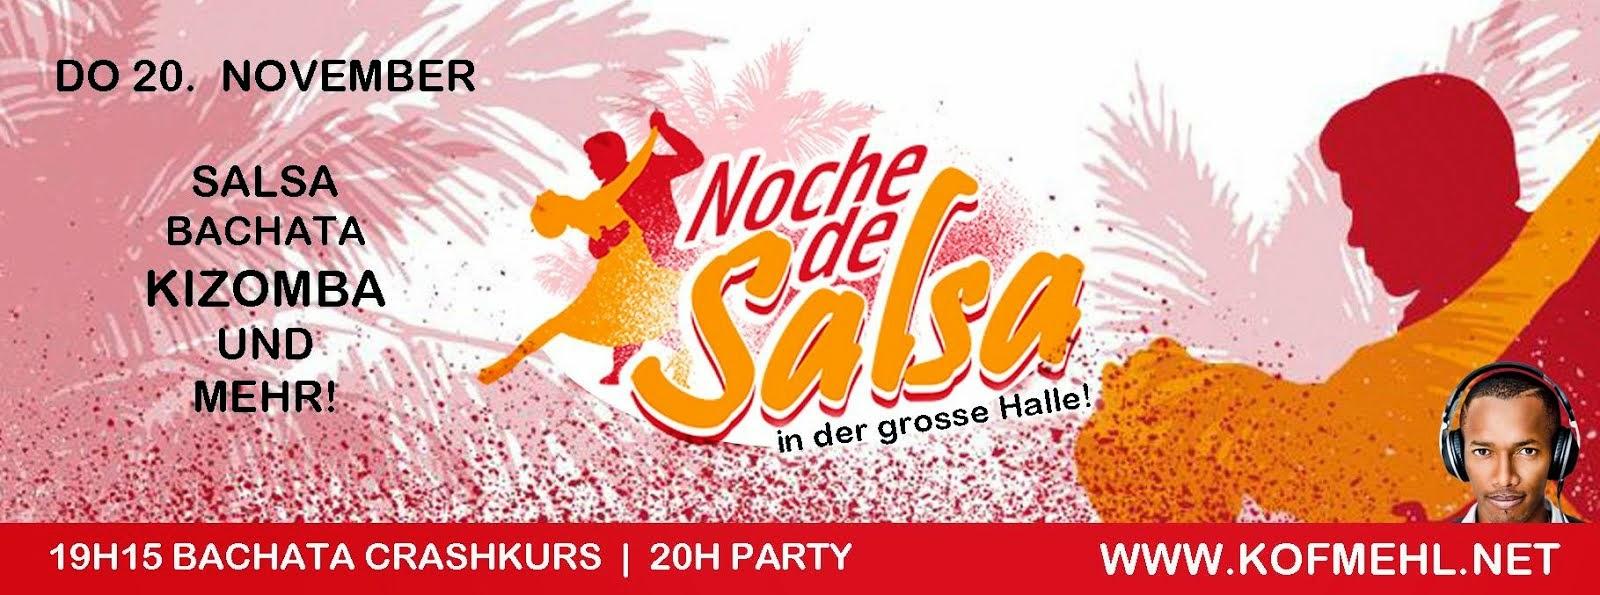 NOCHE DE SALSA - KOFMEHL